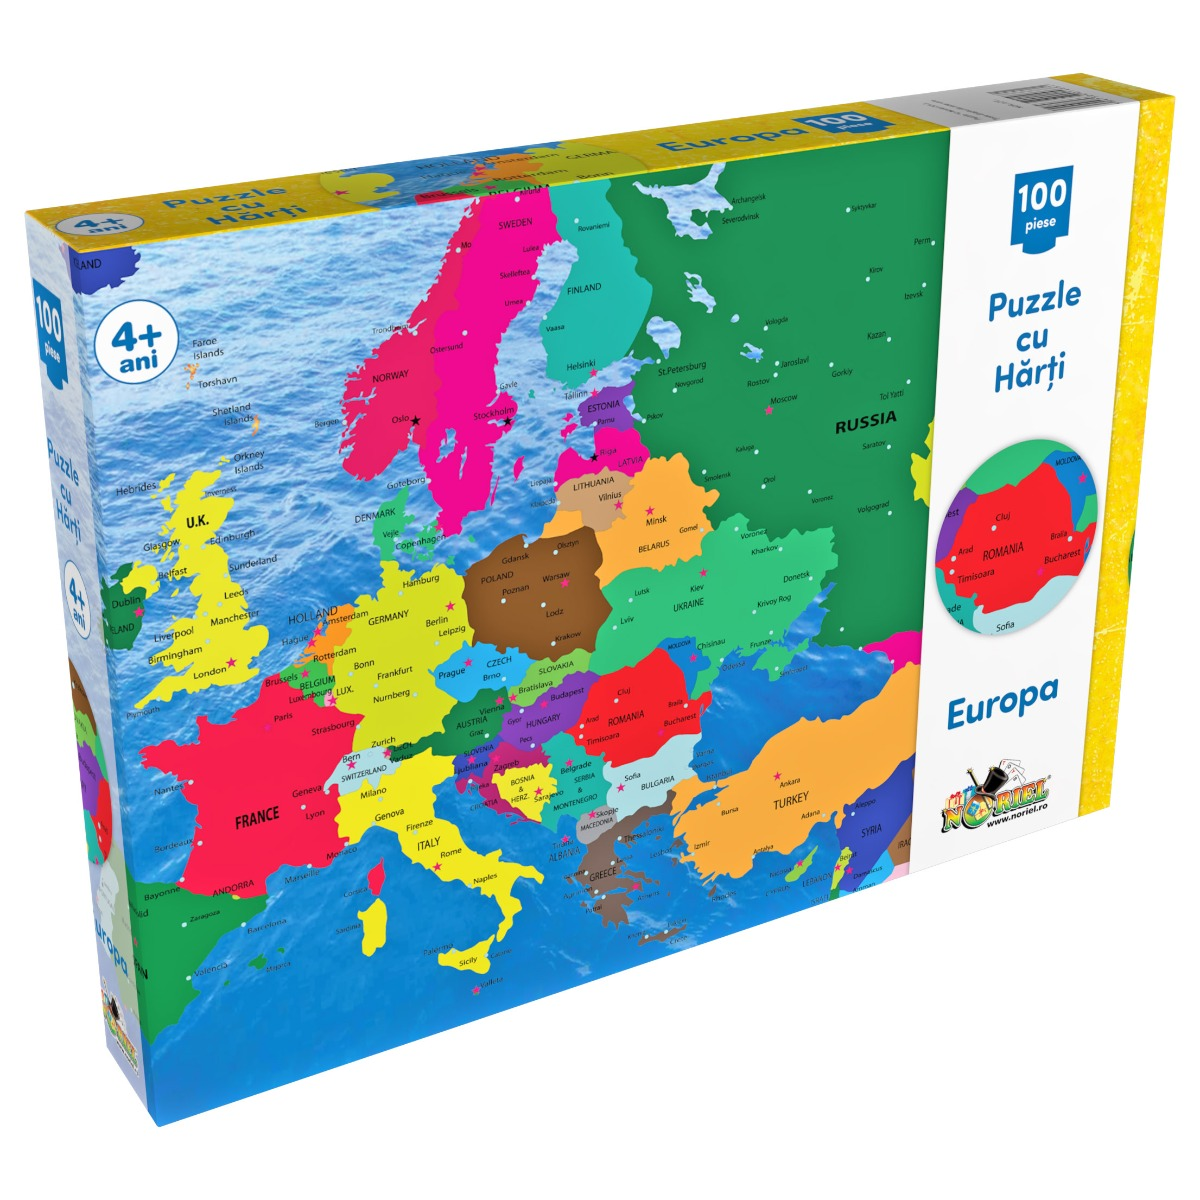 Puzzle Noriel cu harti 100 de piese - Harta Europei